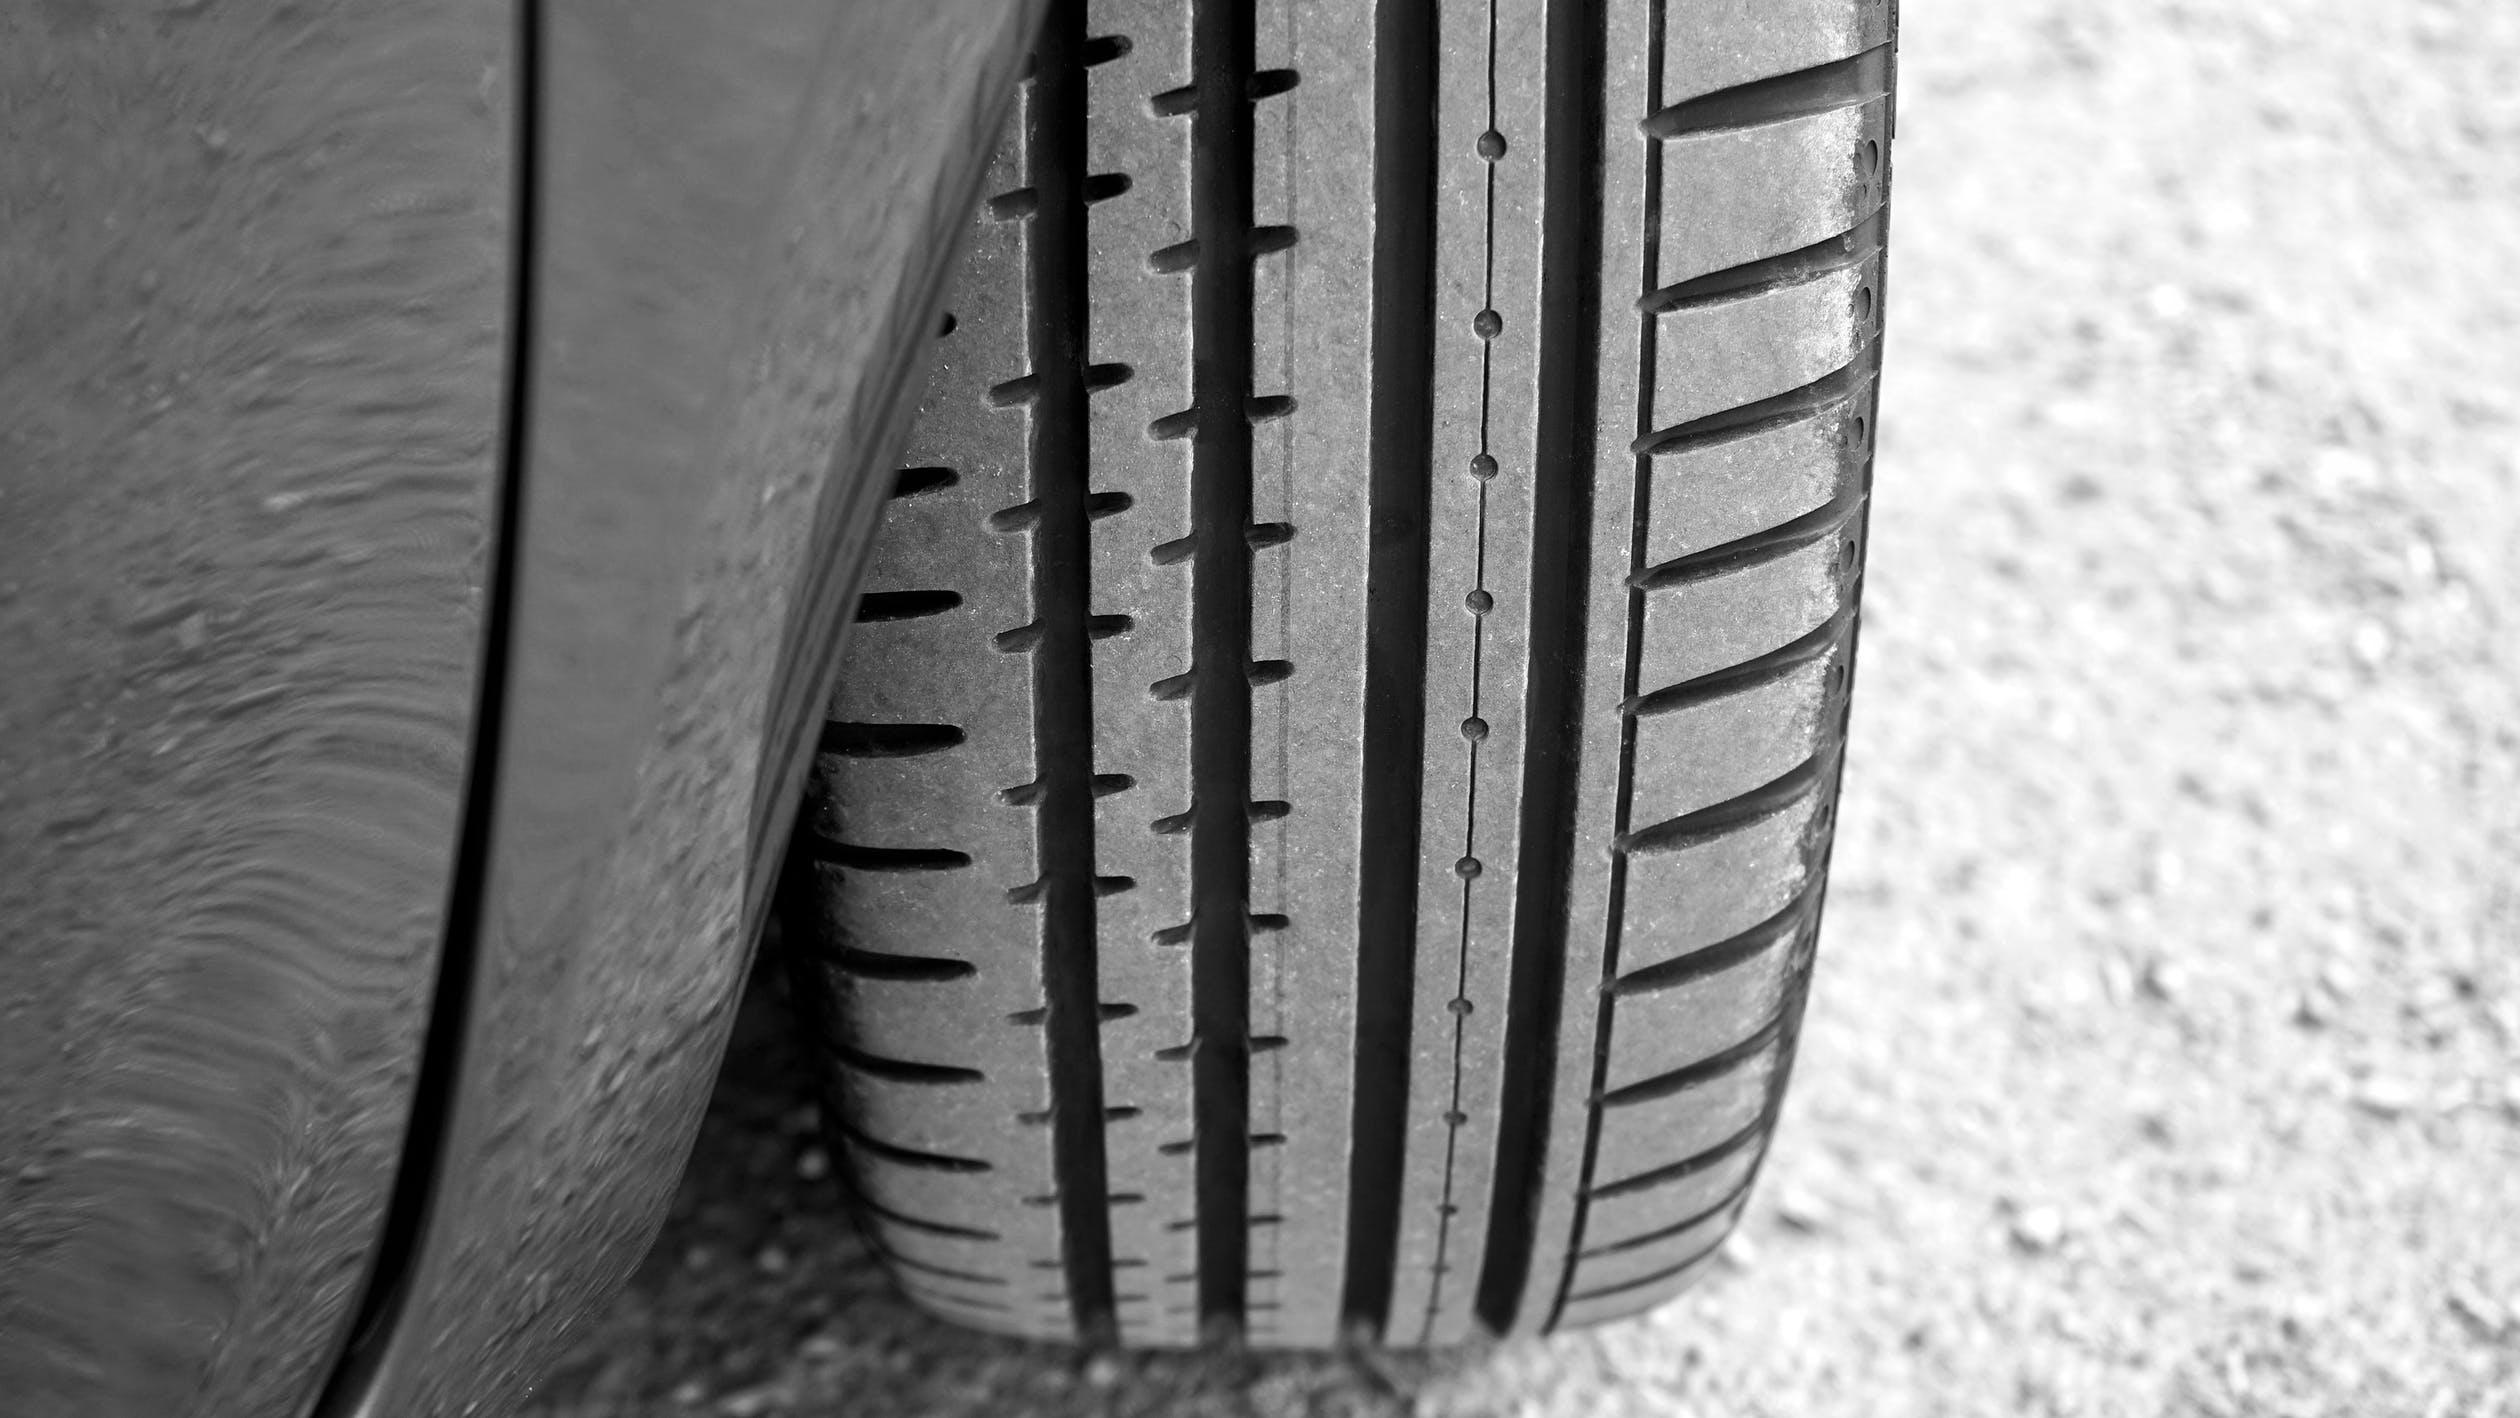 Gros plan sur un pneu de voiture d'occasion en bon état